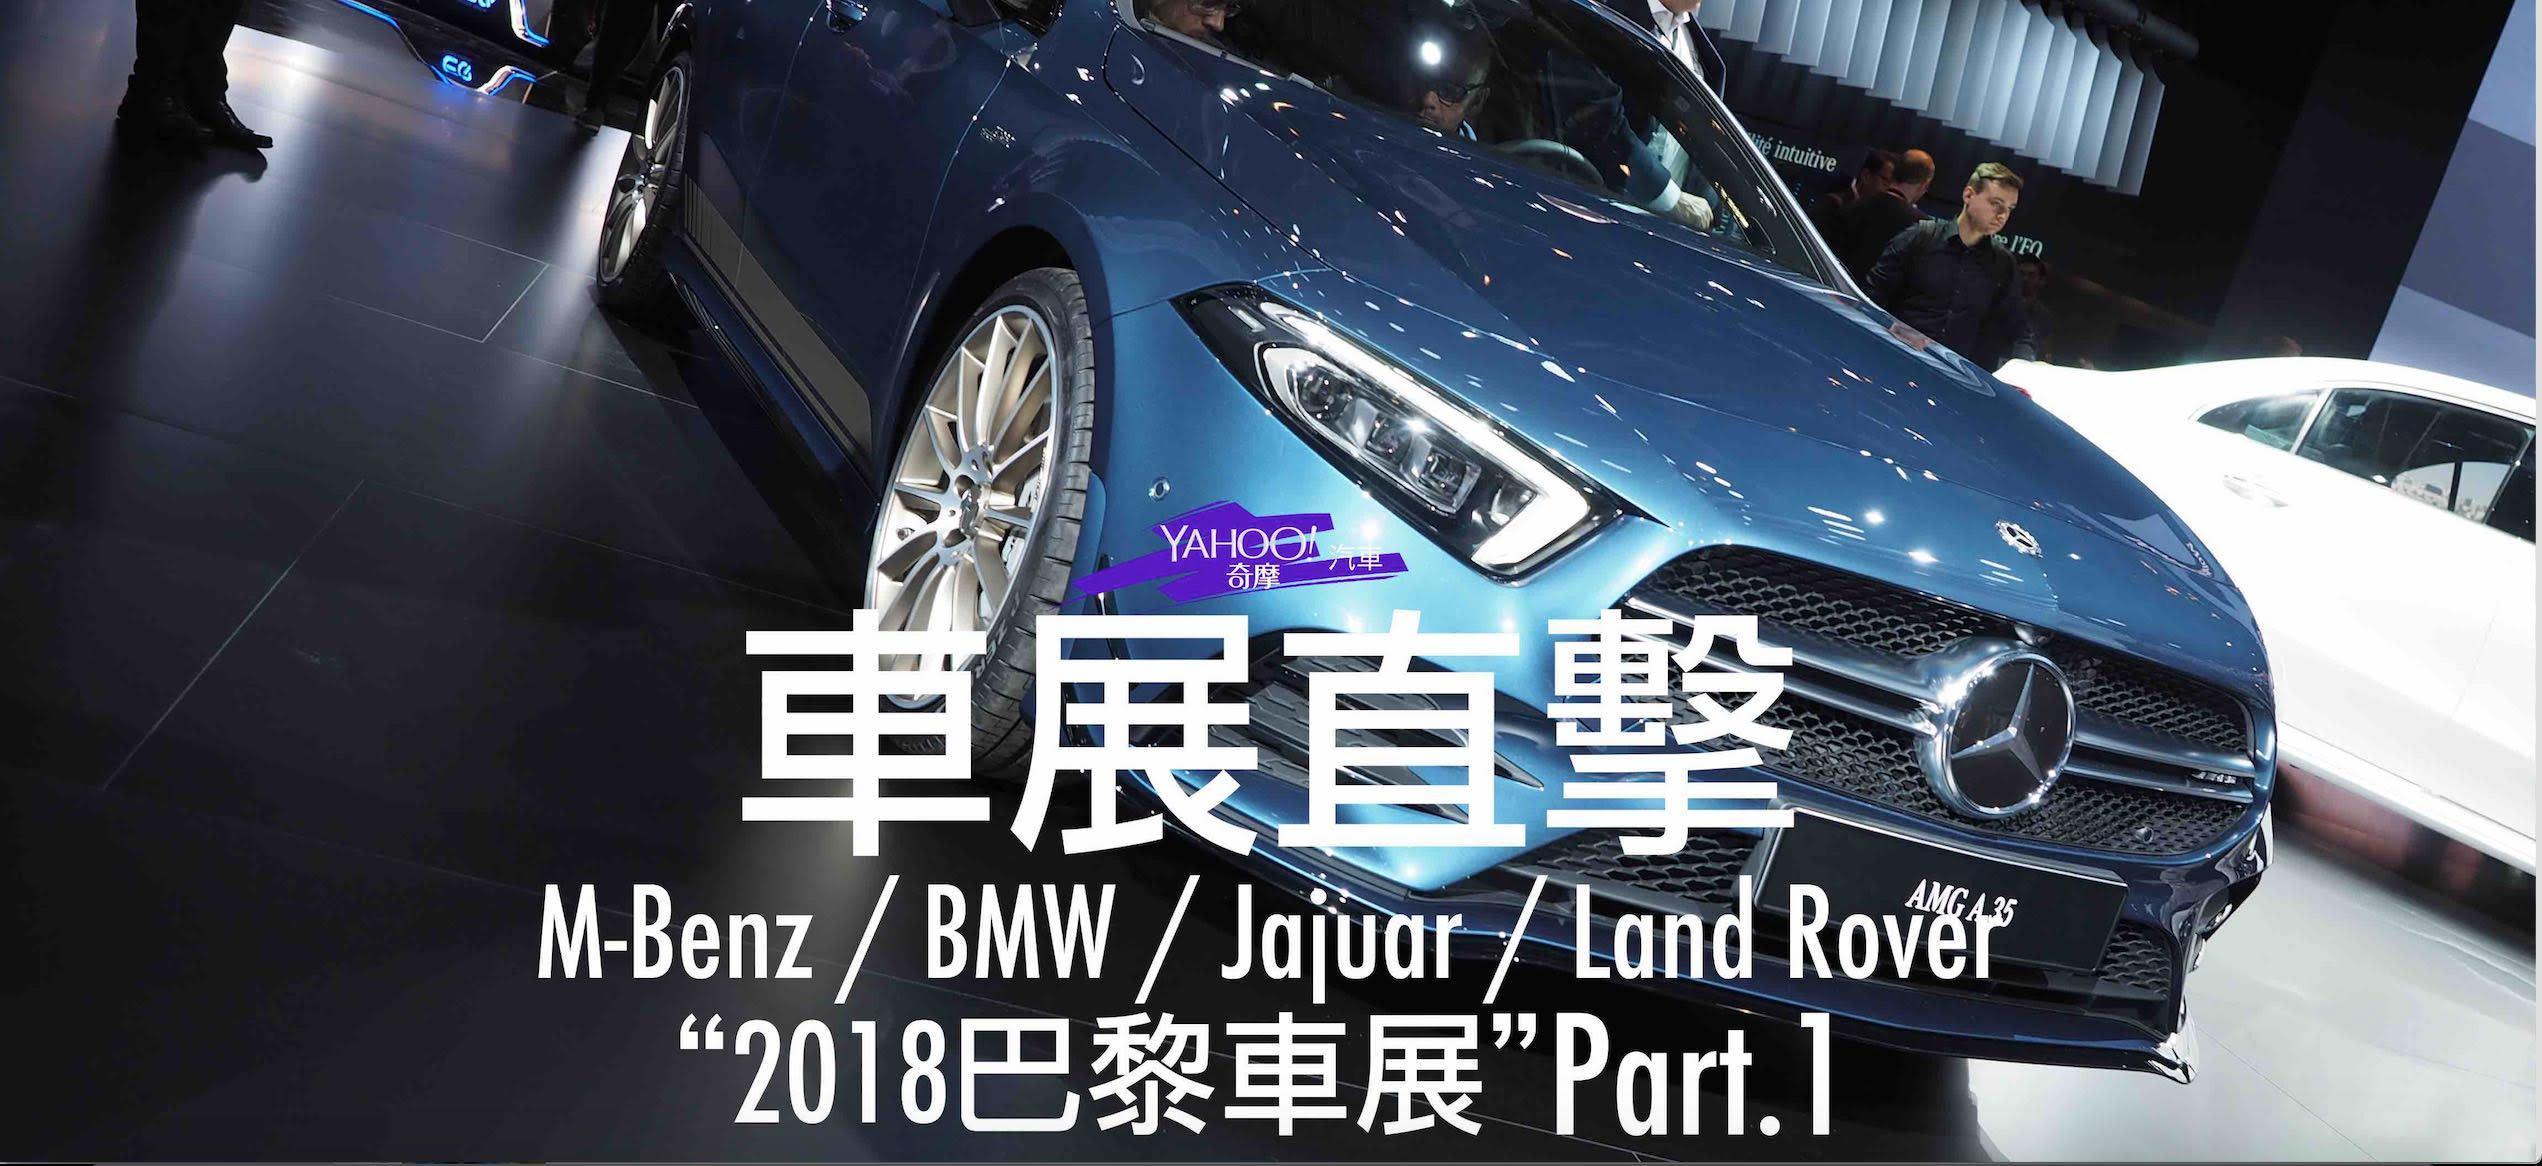 【巴黎車展看Yahoo】2018 巴黎車展直擊 Part 1 (M-Benz / BMW / Jaguar / Land Rover)